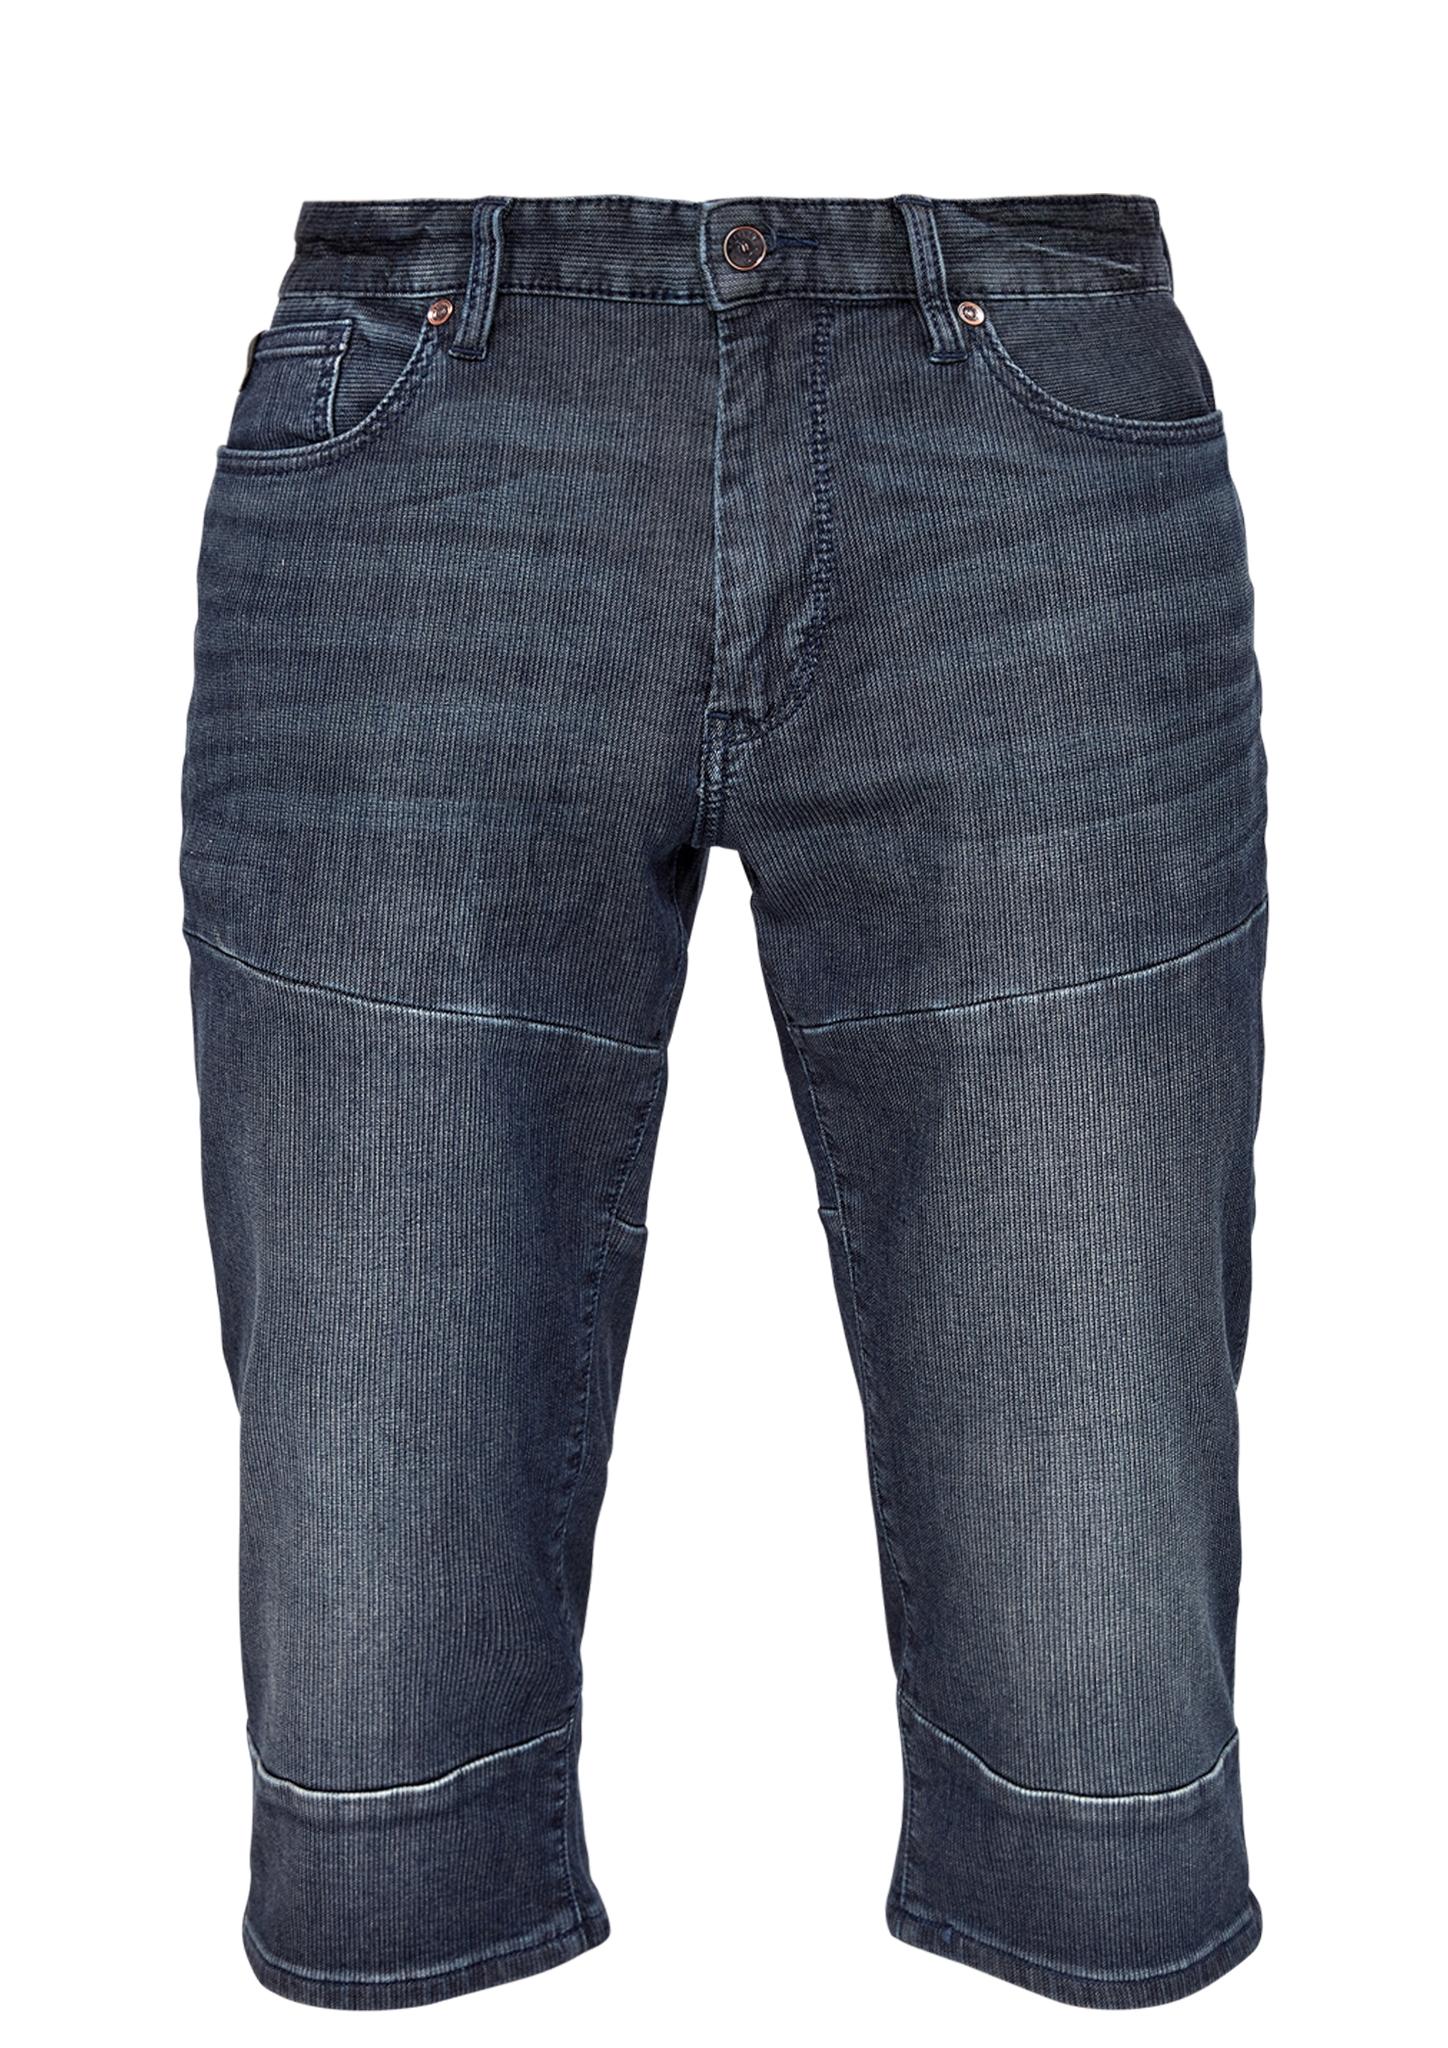 Denim-Bermuda | Bekleidung > Shorts & Bermudas > Bermudas | Blau | Obermaterial 99% baumwolle -  1% elasthan| futter 65% polyester -  35% baumwolle| enthält nichttextile teile tierischen ursprungs (leder-patch) | s.Oliver